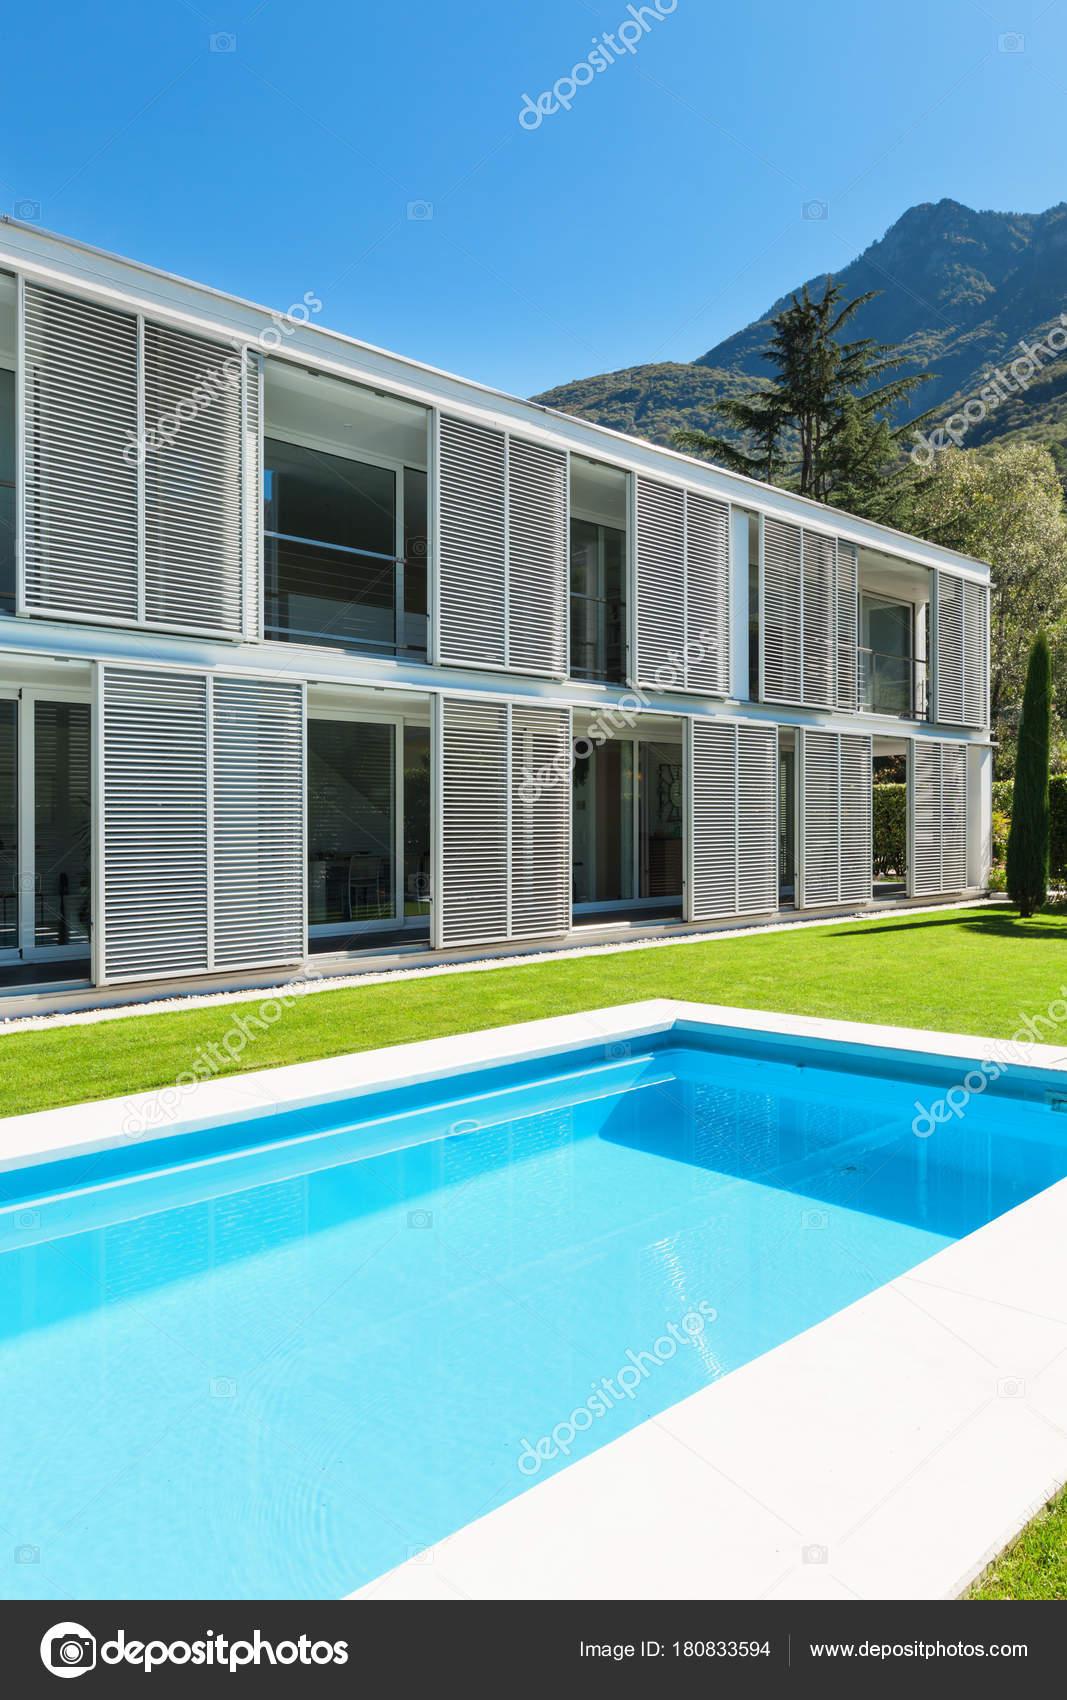 Im genes piscinas modernas villa moderna con piscina for Villa moderna con piscina